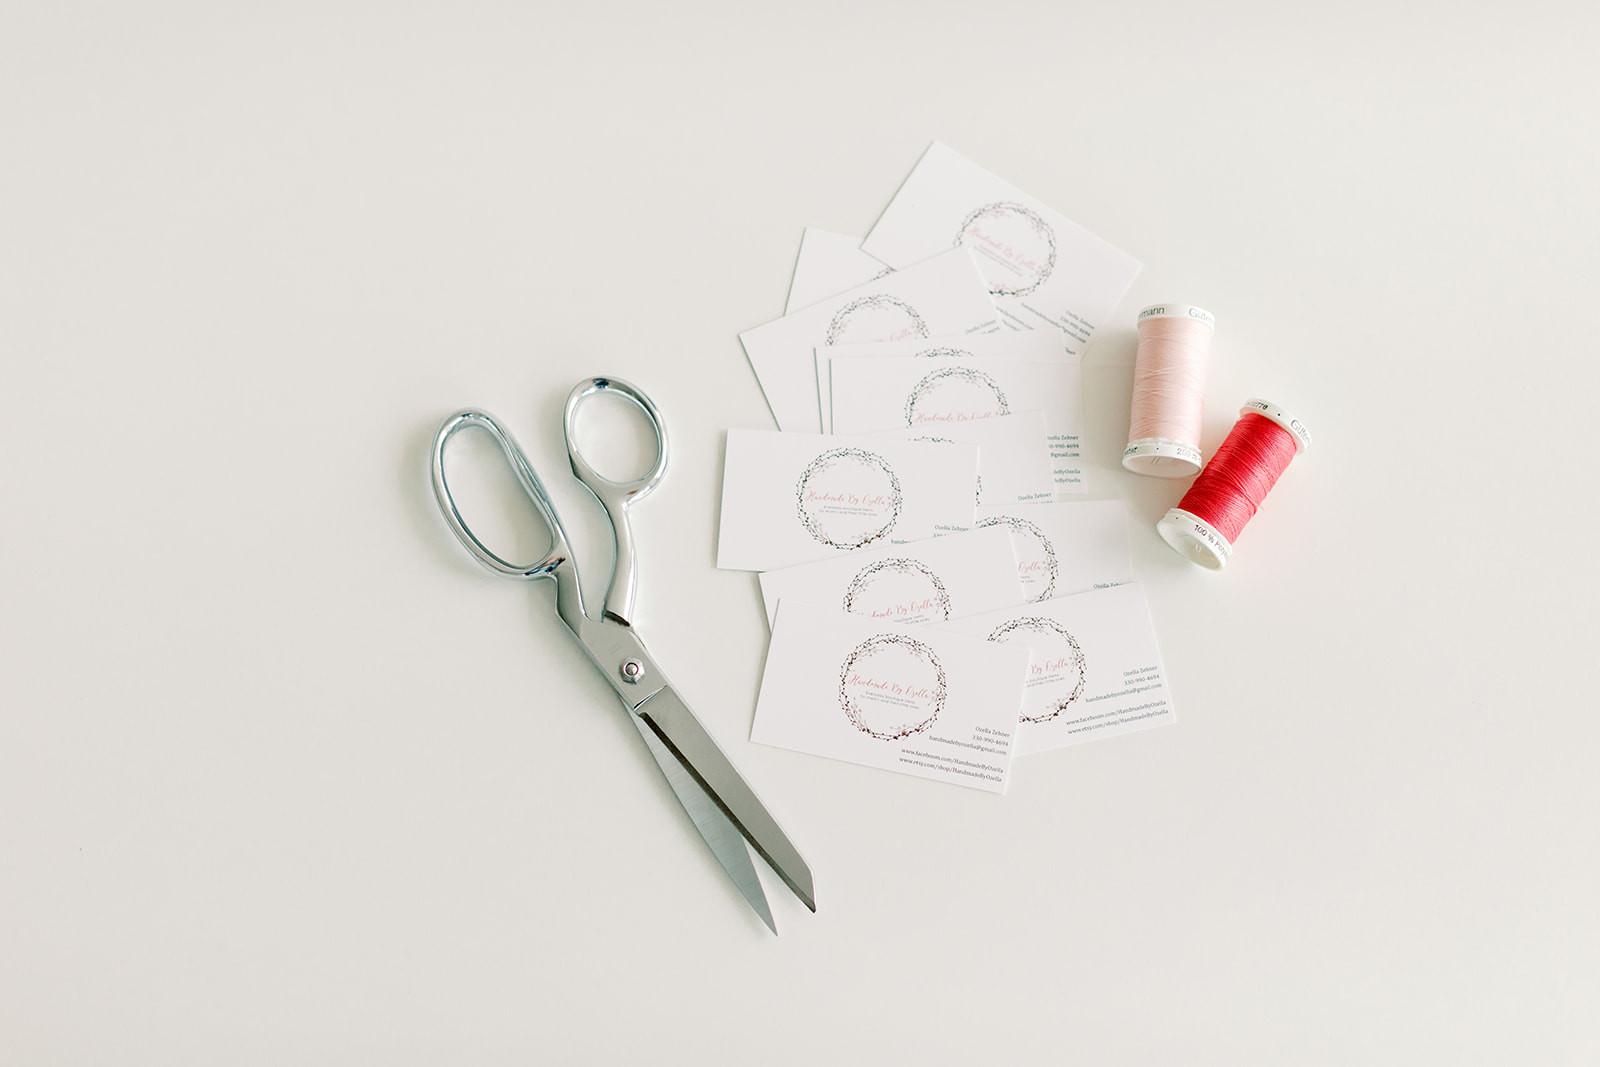 Branding-Handmade-By-Ozella-62_websize.j